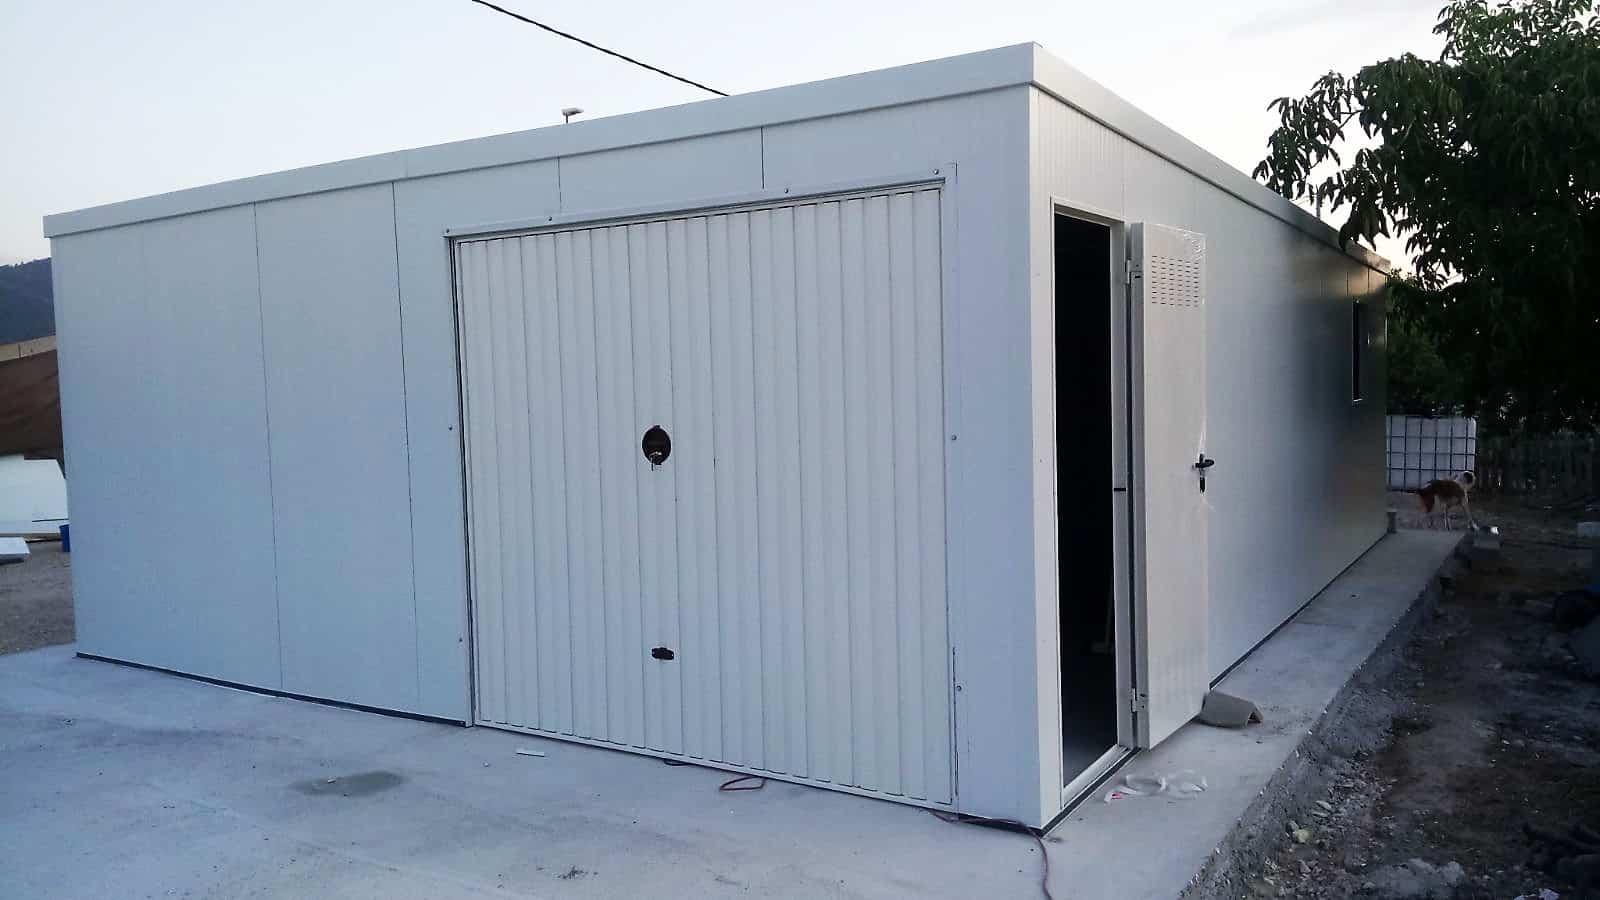 Garajes prefabricados archives trasteros prefabricados amplia - Refugios de madera prefabricados ...